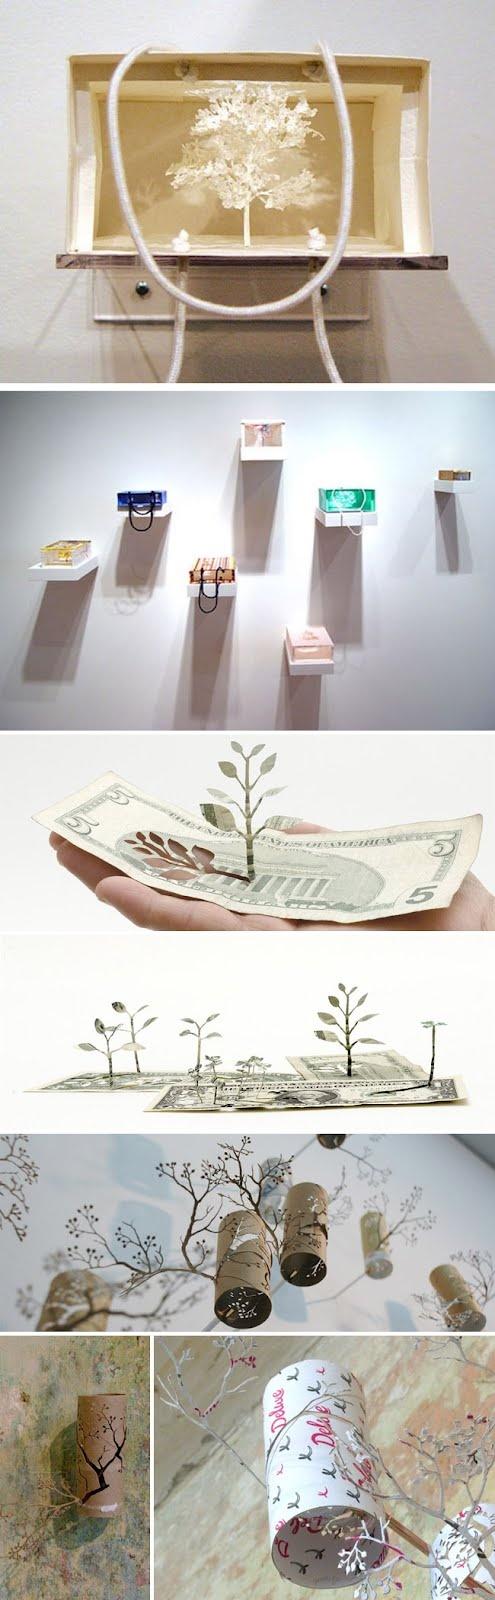 El artista japonés Yuken Teruya, esculpe las bolsas de papel, periódicos, libros y hasta rollos de papel higiénico y los convierte en hermosos árboles en miniatura.